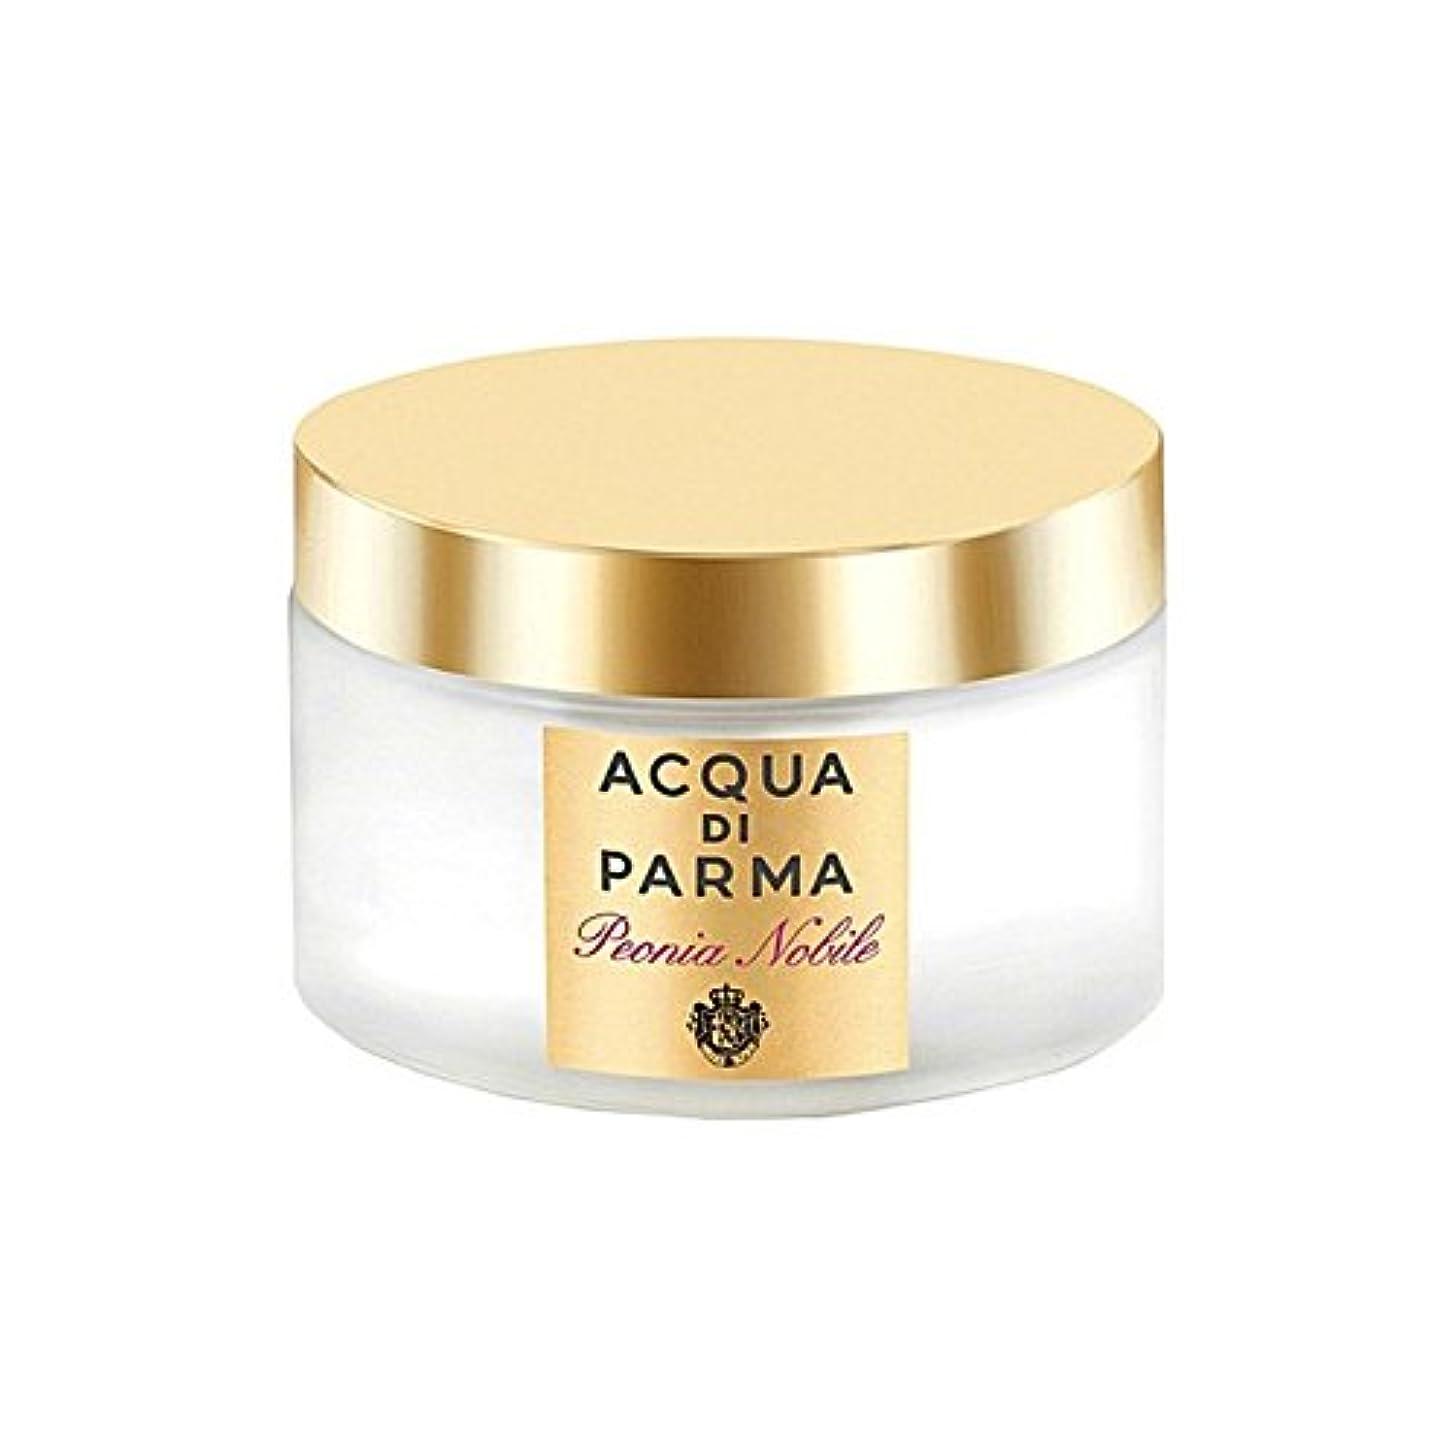 預言者無限間違えたAcqua Di Parma Peonia Nobile Body Cream 150ml - アクアディパルマノビレボディクリーム150ミリリットル [並行輸入品]